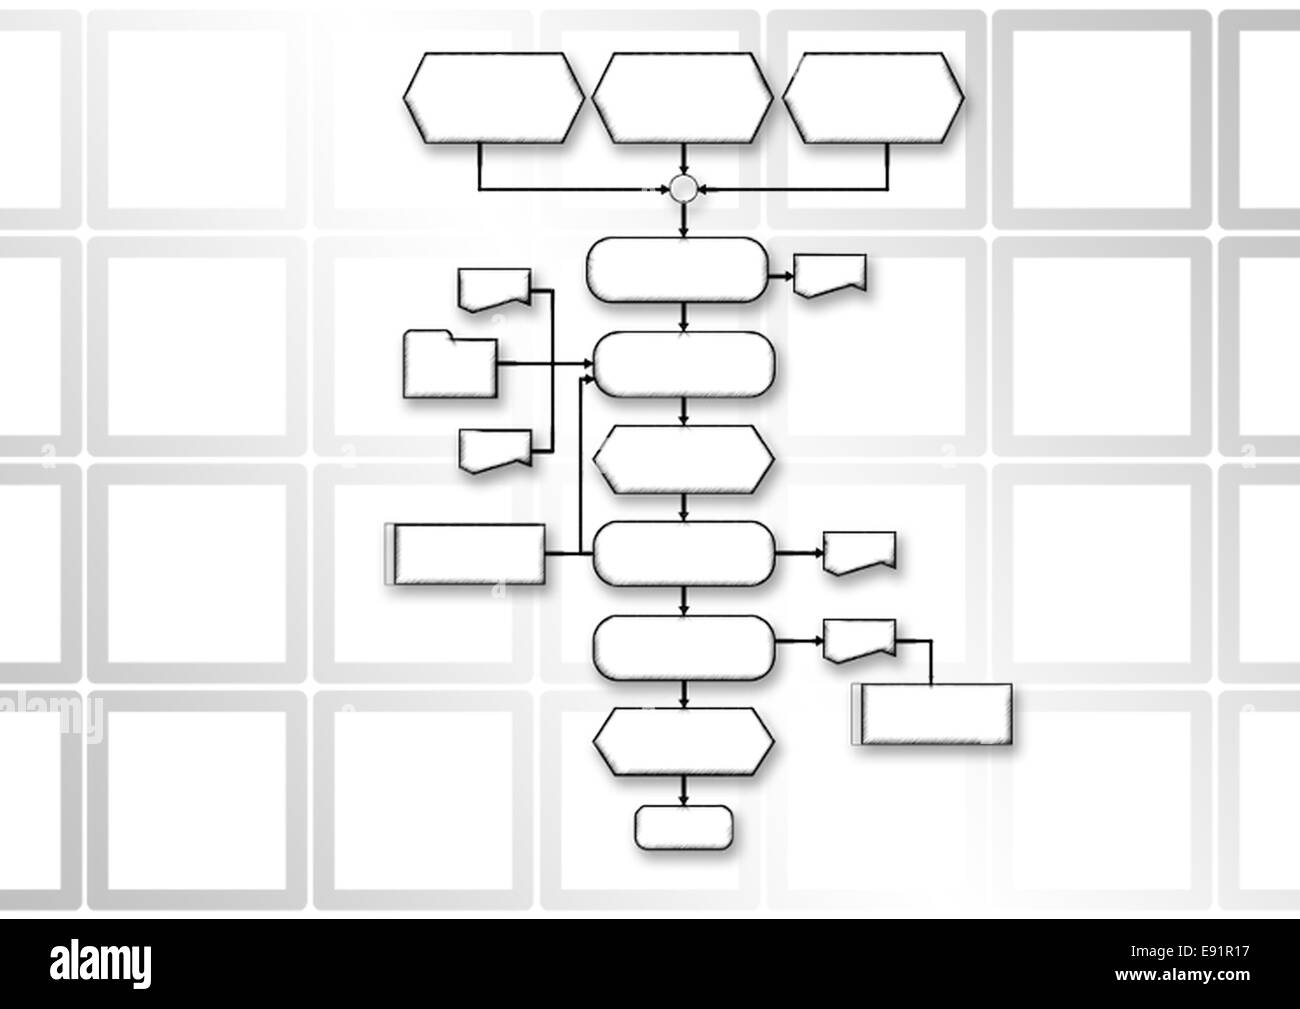 Wunderbar Prozessablaufdiagramm Des Kessels Zeitgenössisch ...